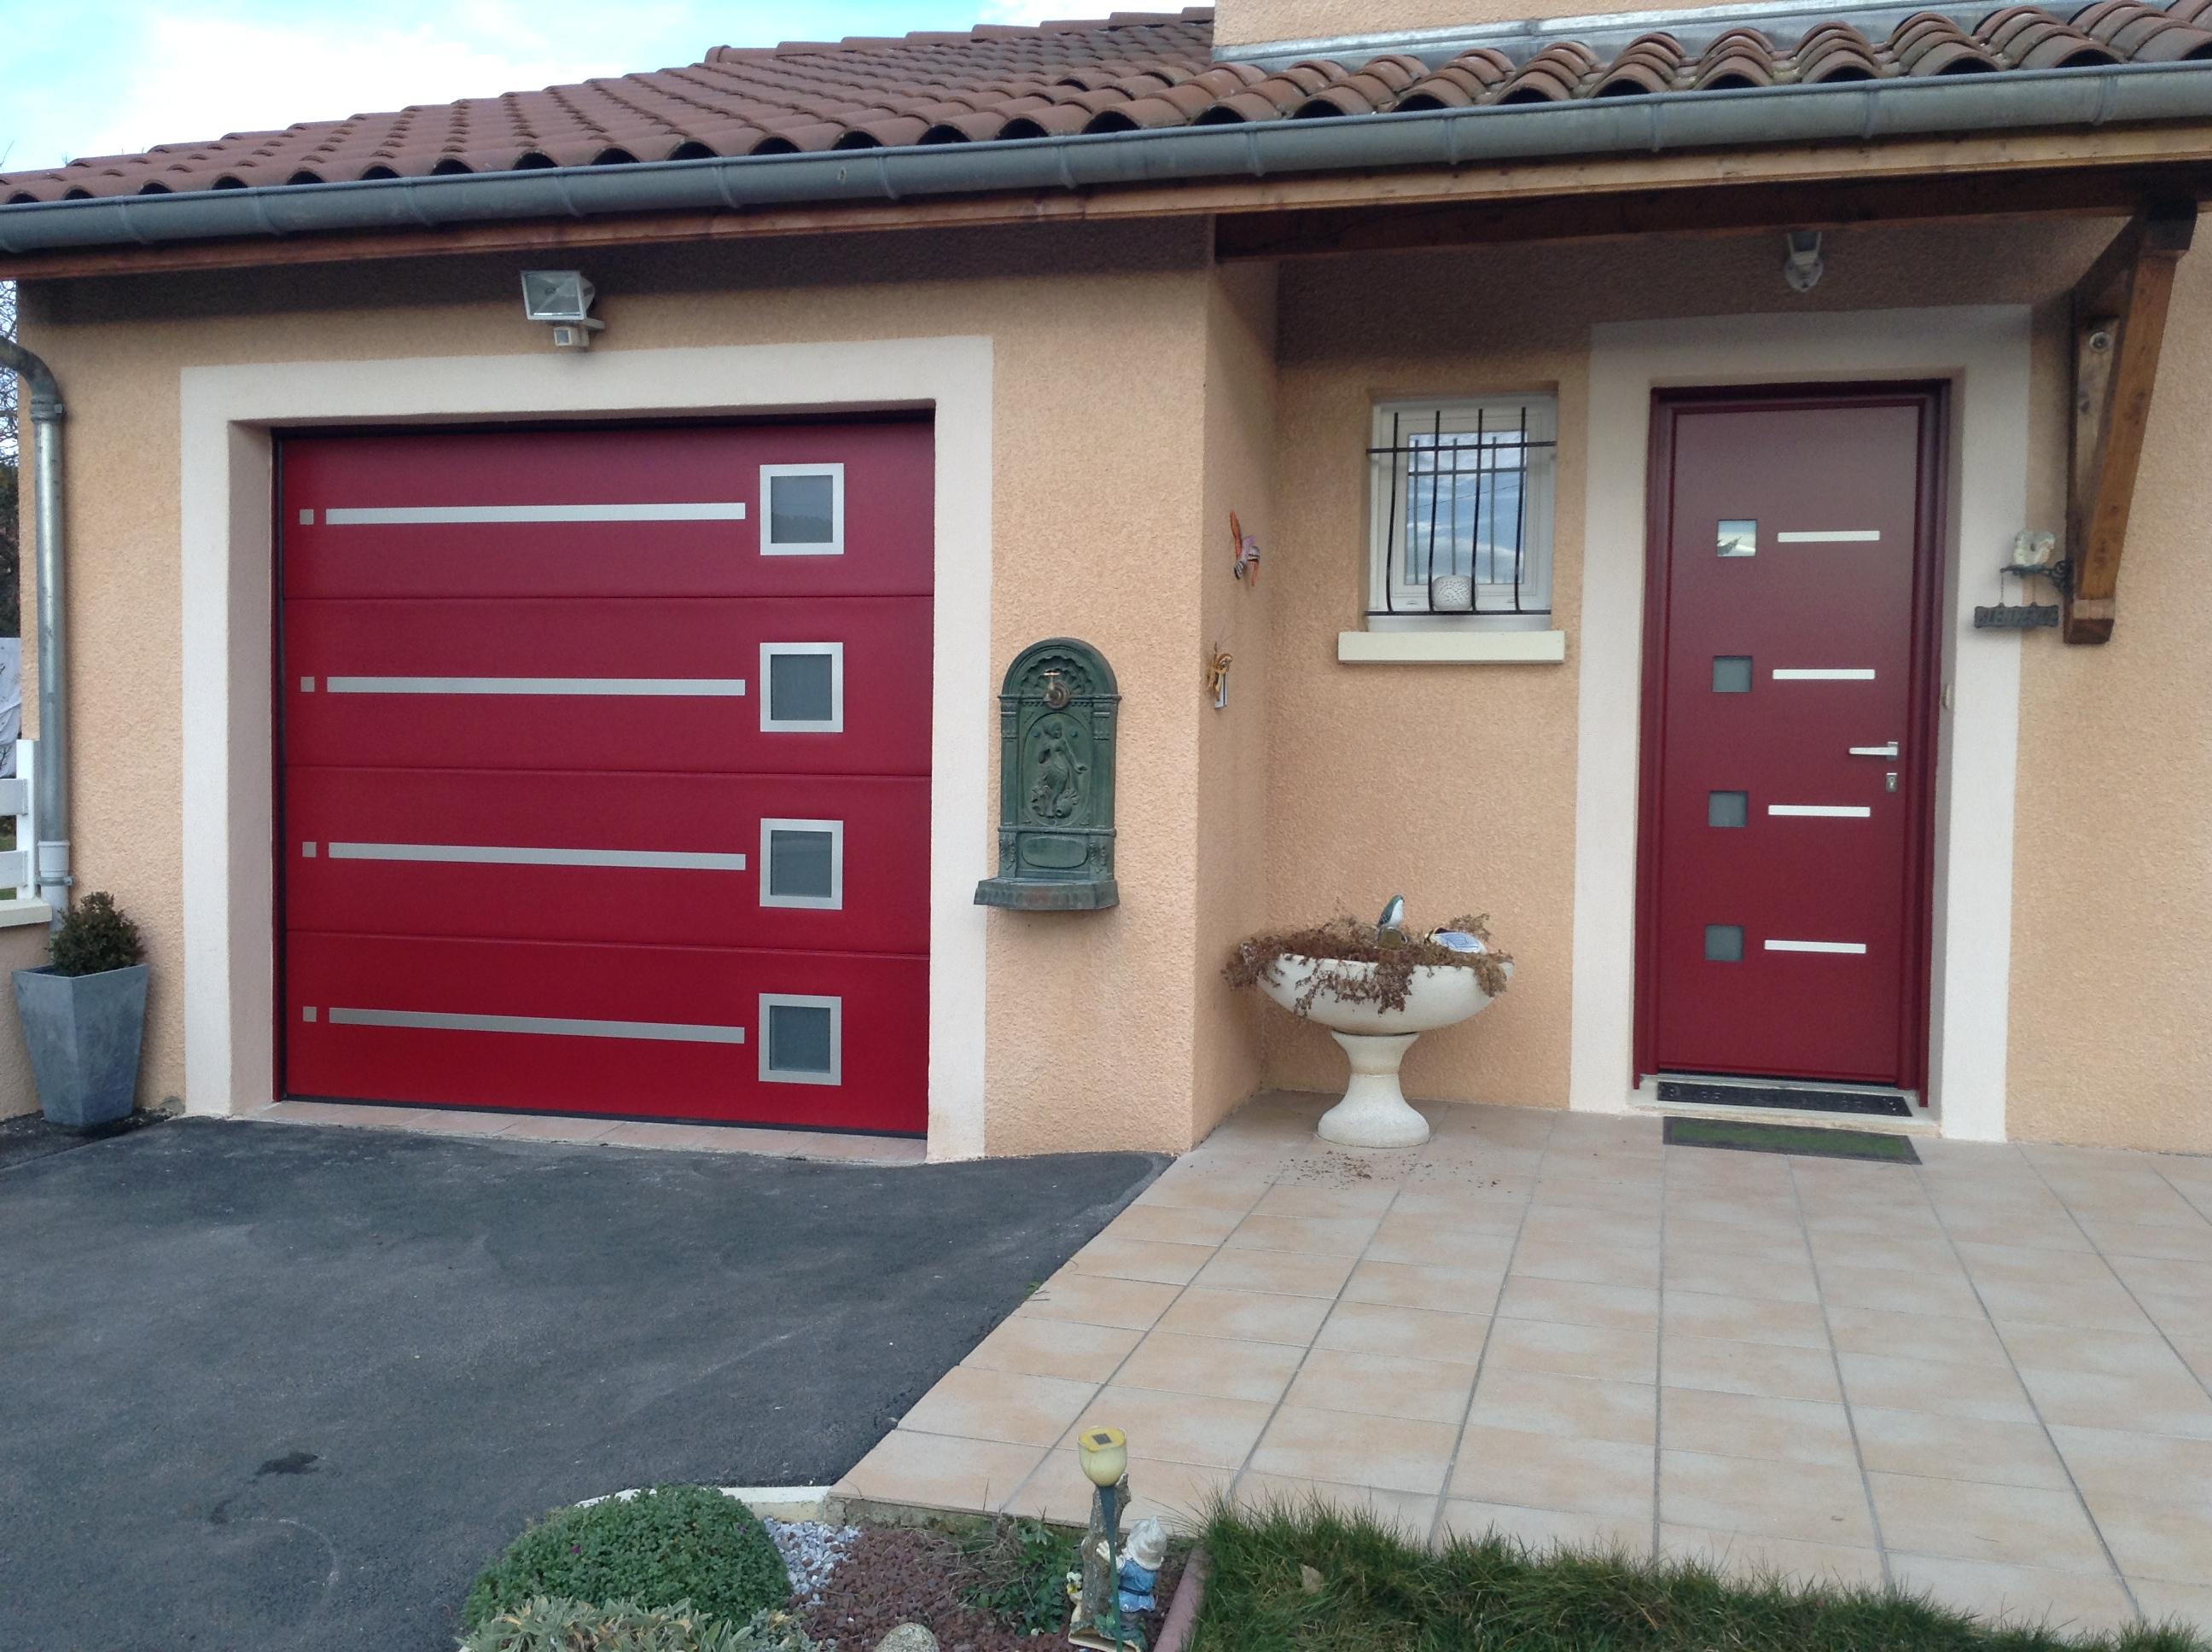 Porte Entree Vitree Opaque menuiseries extérieures : fenêtre, portes, volet, store, veranda